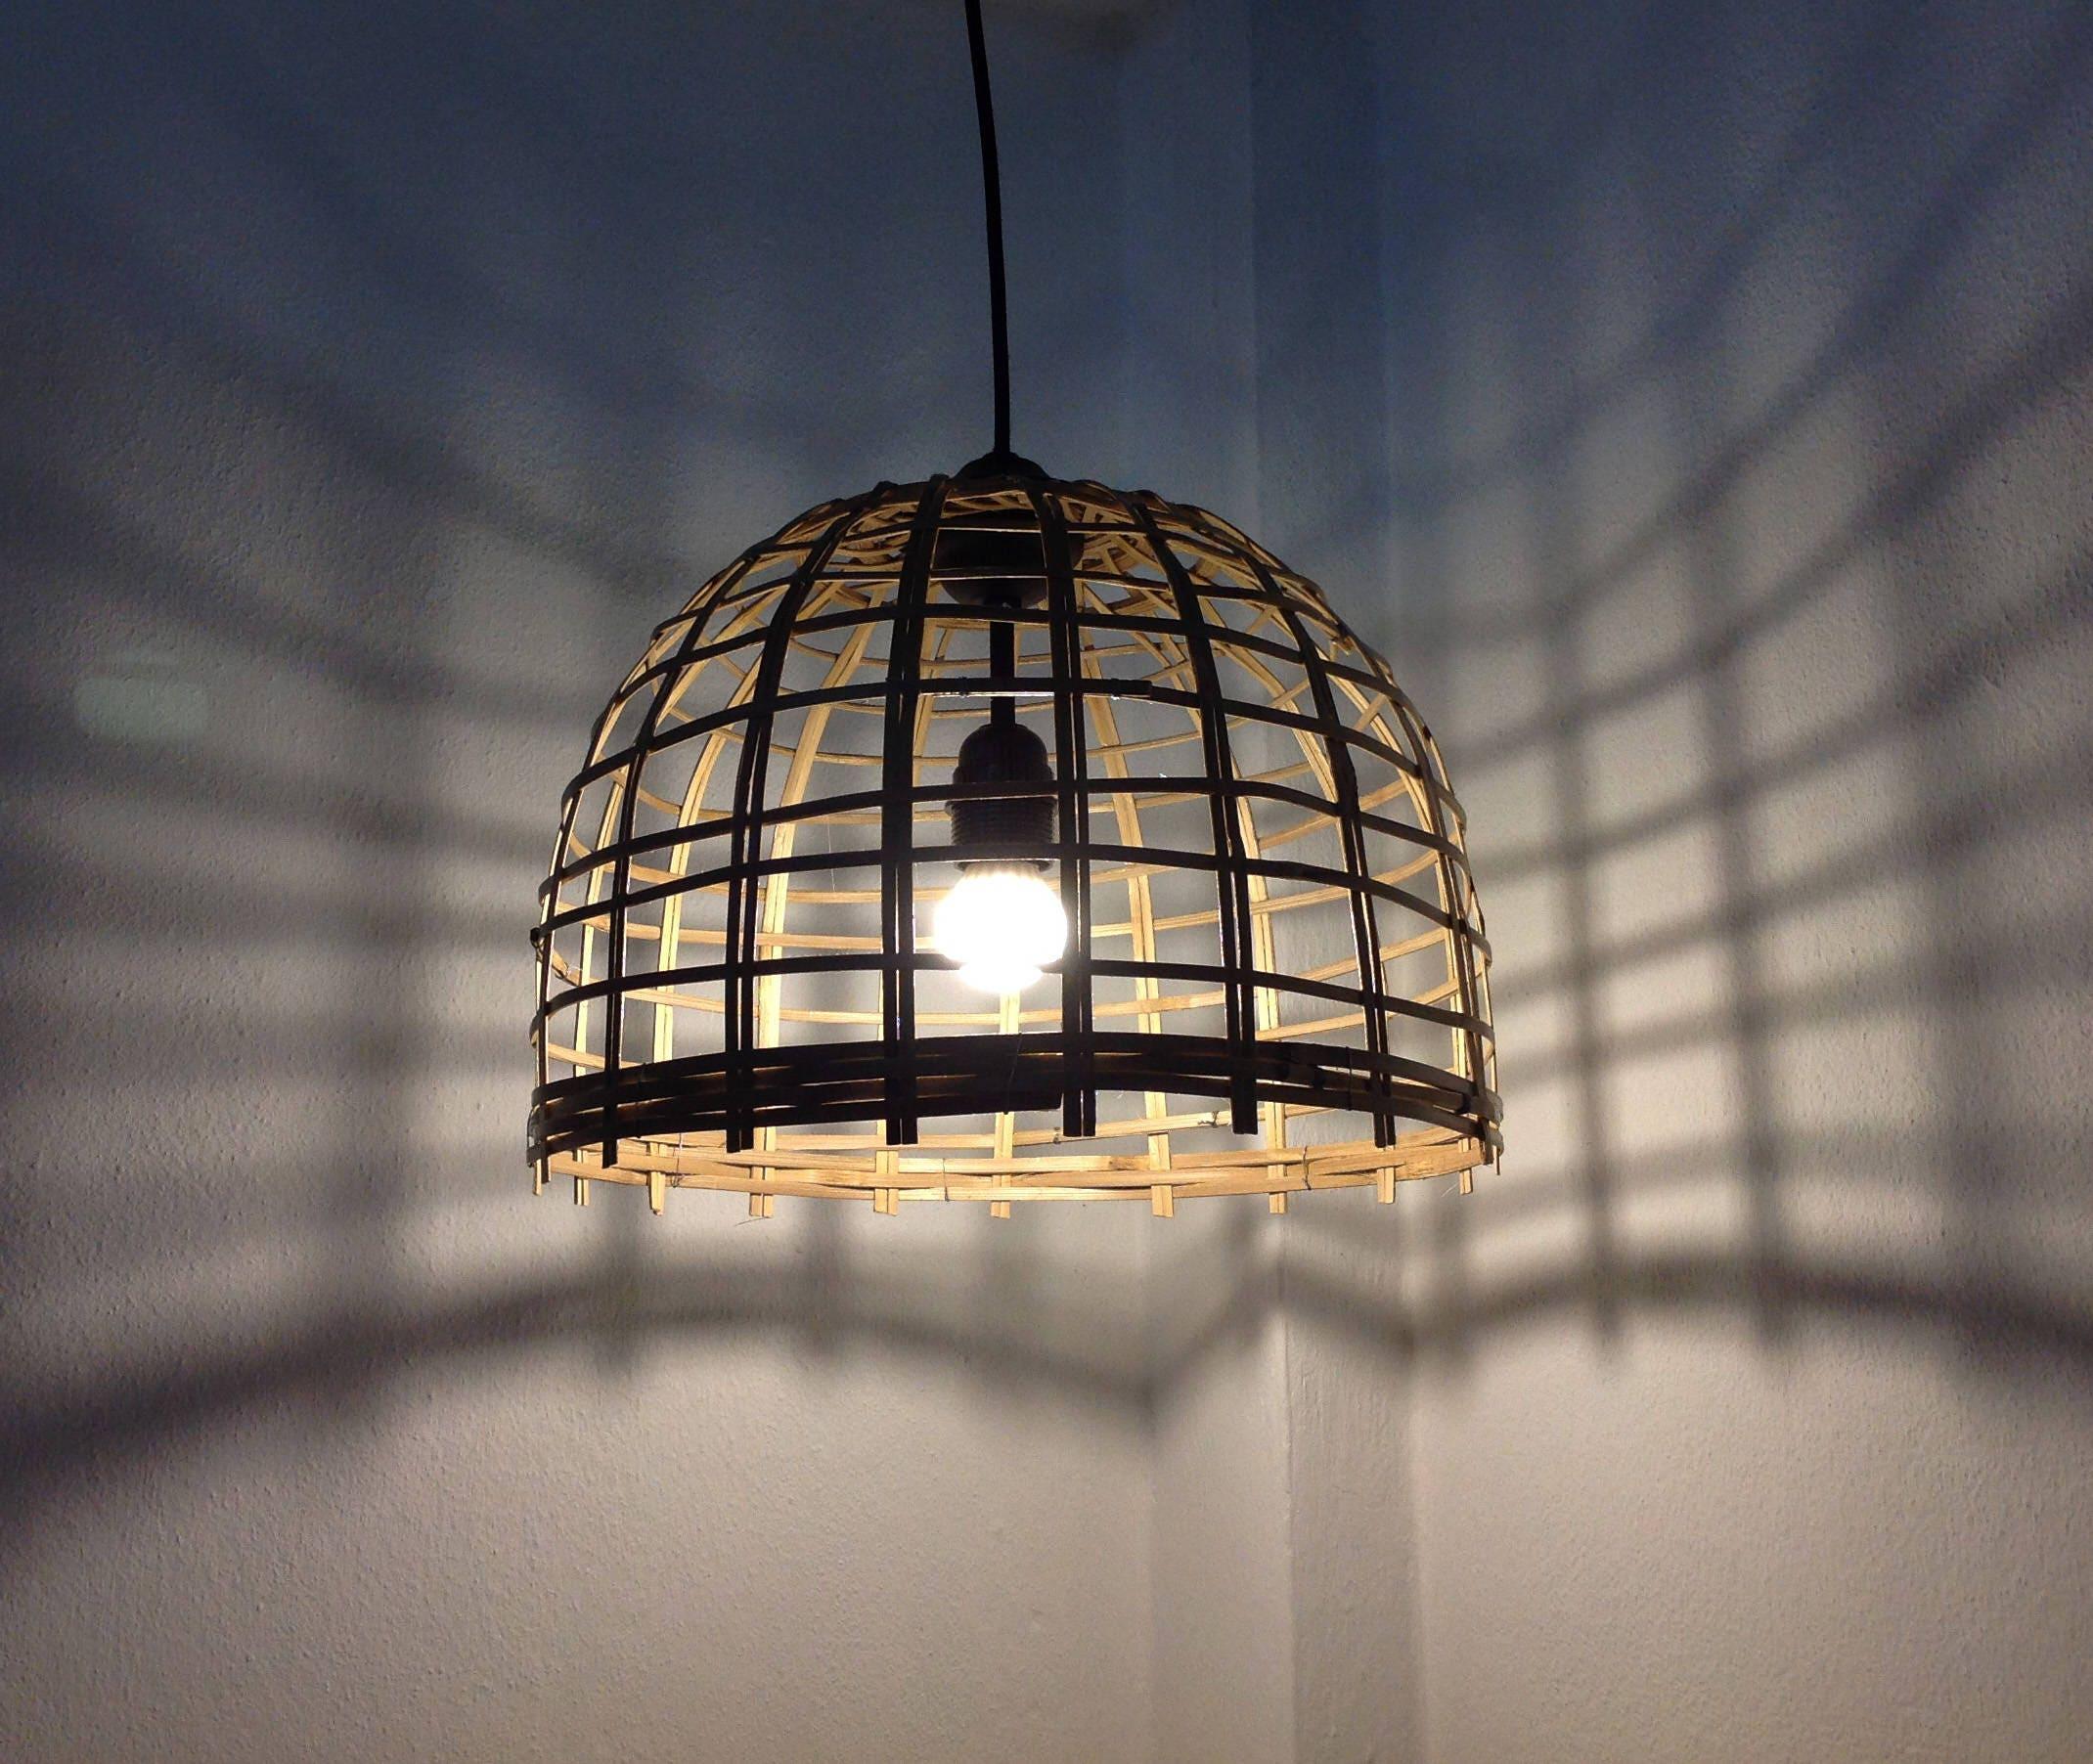 Wohnzimmer Licht Deckenleuchte Leuchte Korb Anhänger